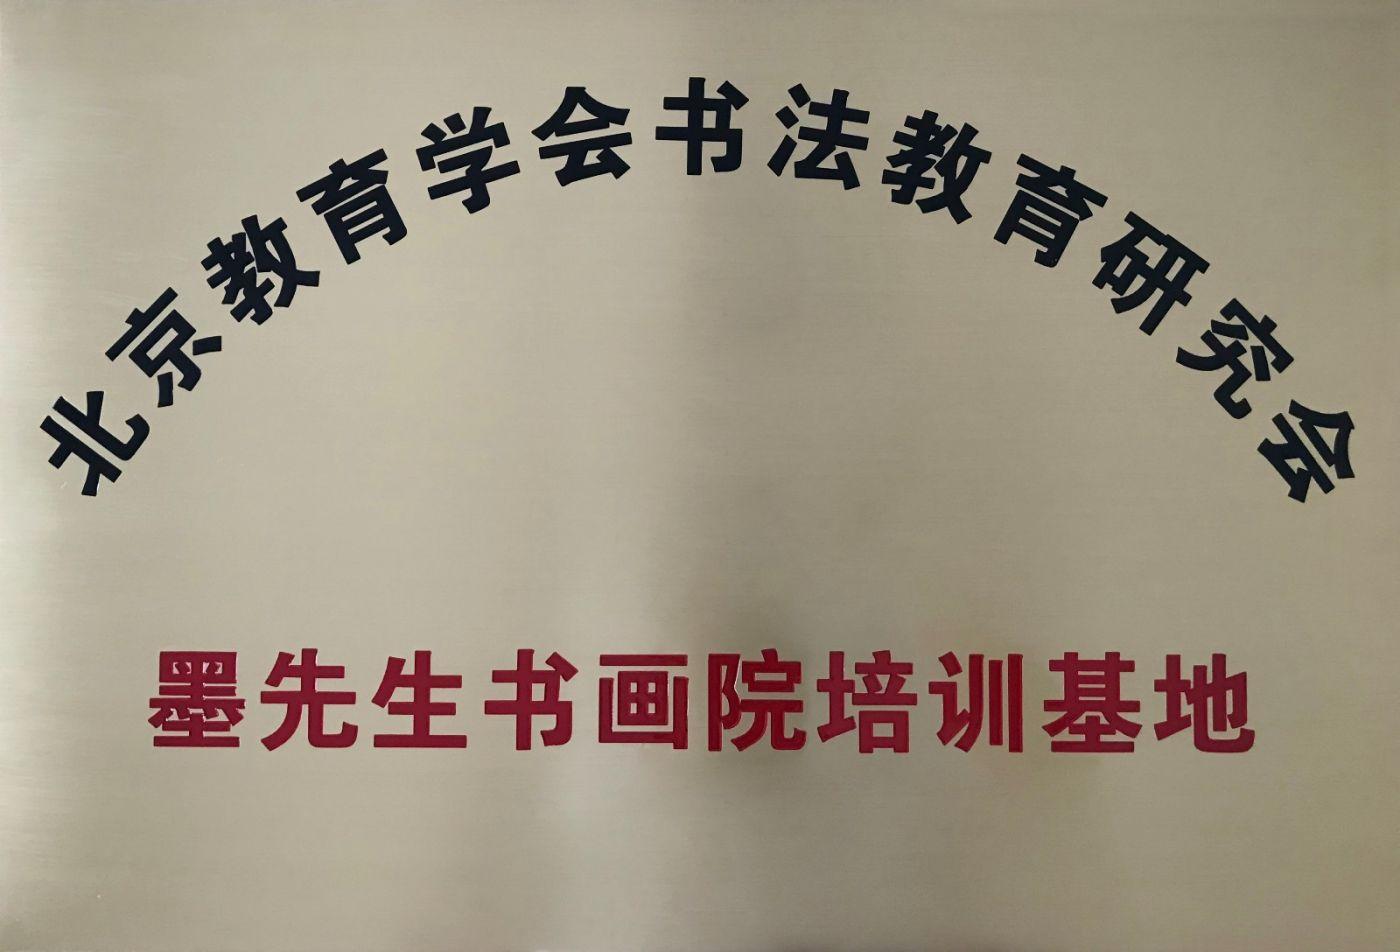 北京教育学会书法教育研究会培训基地落户北京墨先生书画院 ..._图1-1